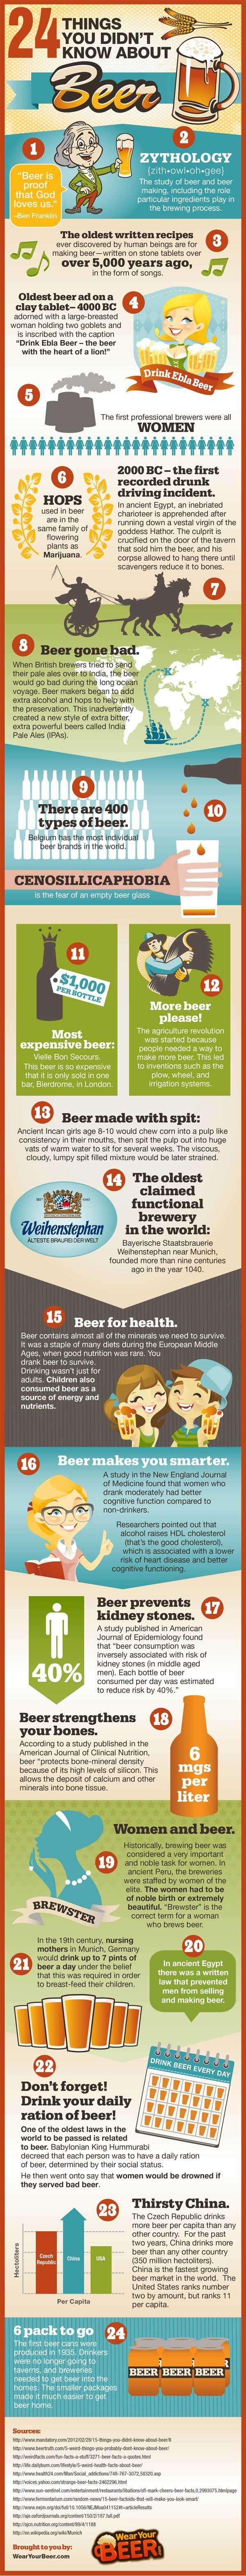 Alcune cose che non sapevate sulla #Birra.... #Beer #Infographic